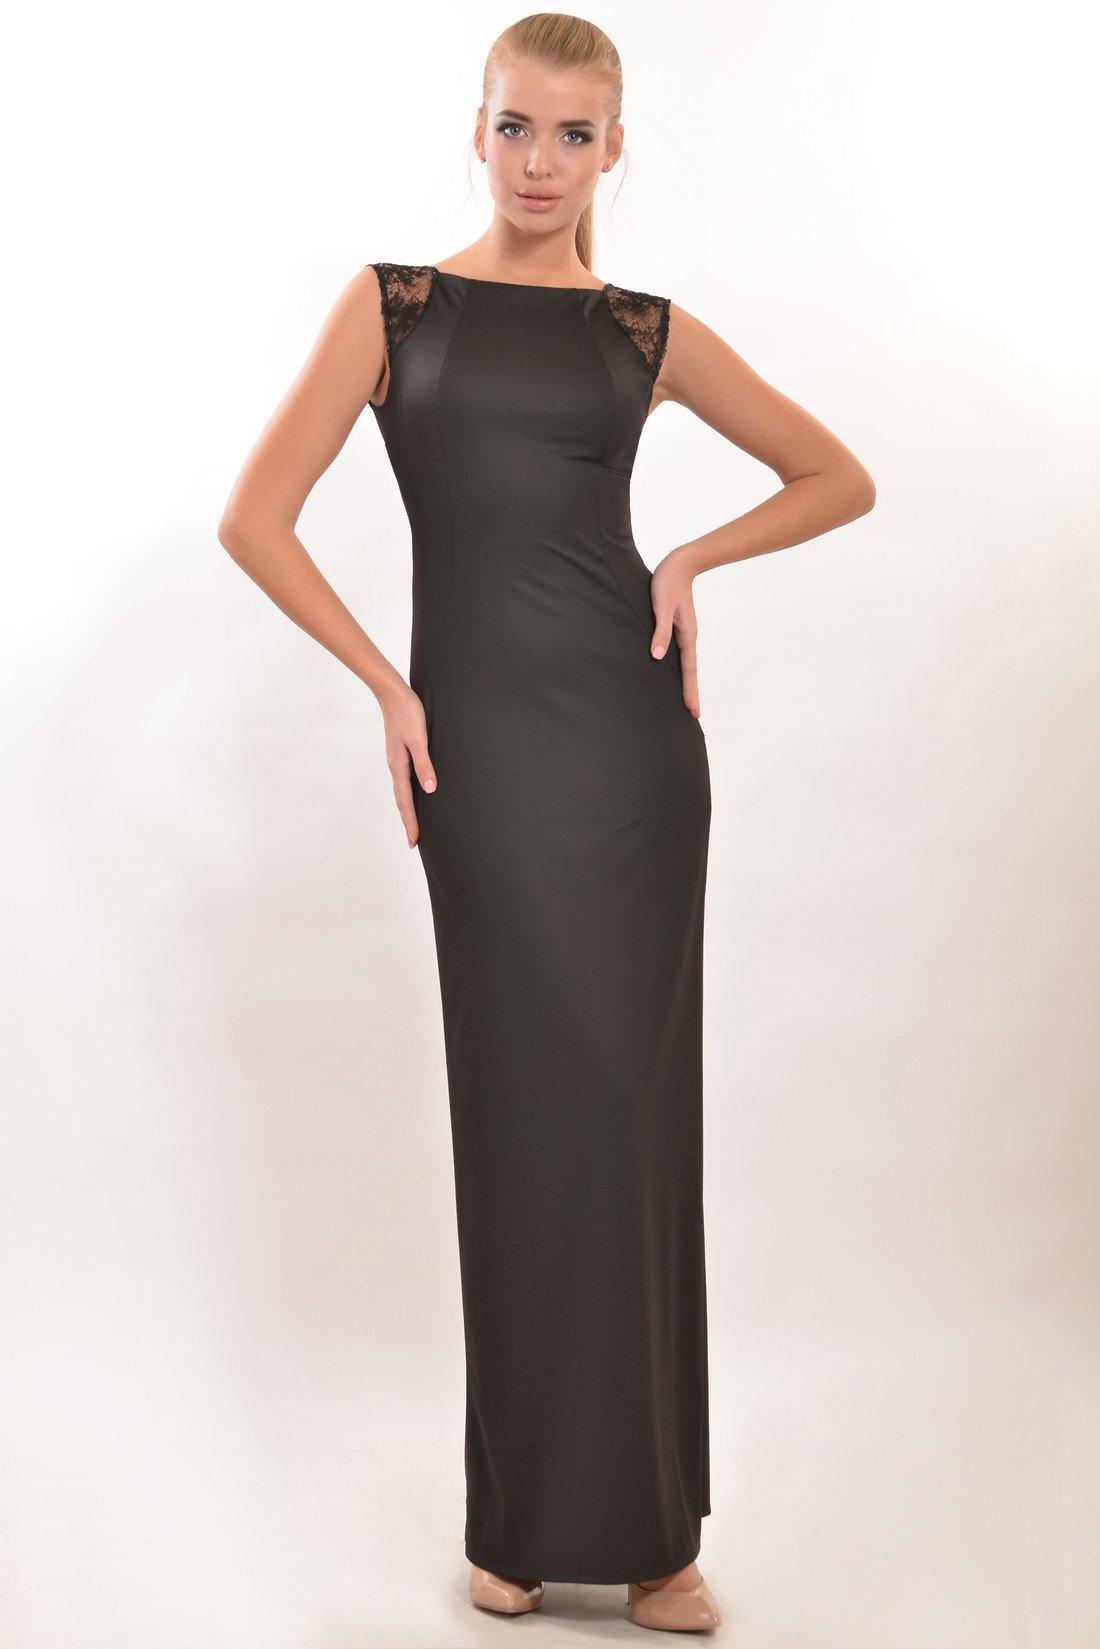 b96553f6252 Элегантное черное вечернее платье в пол Венеция - купить недорого ...